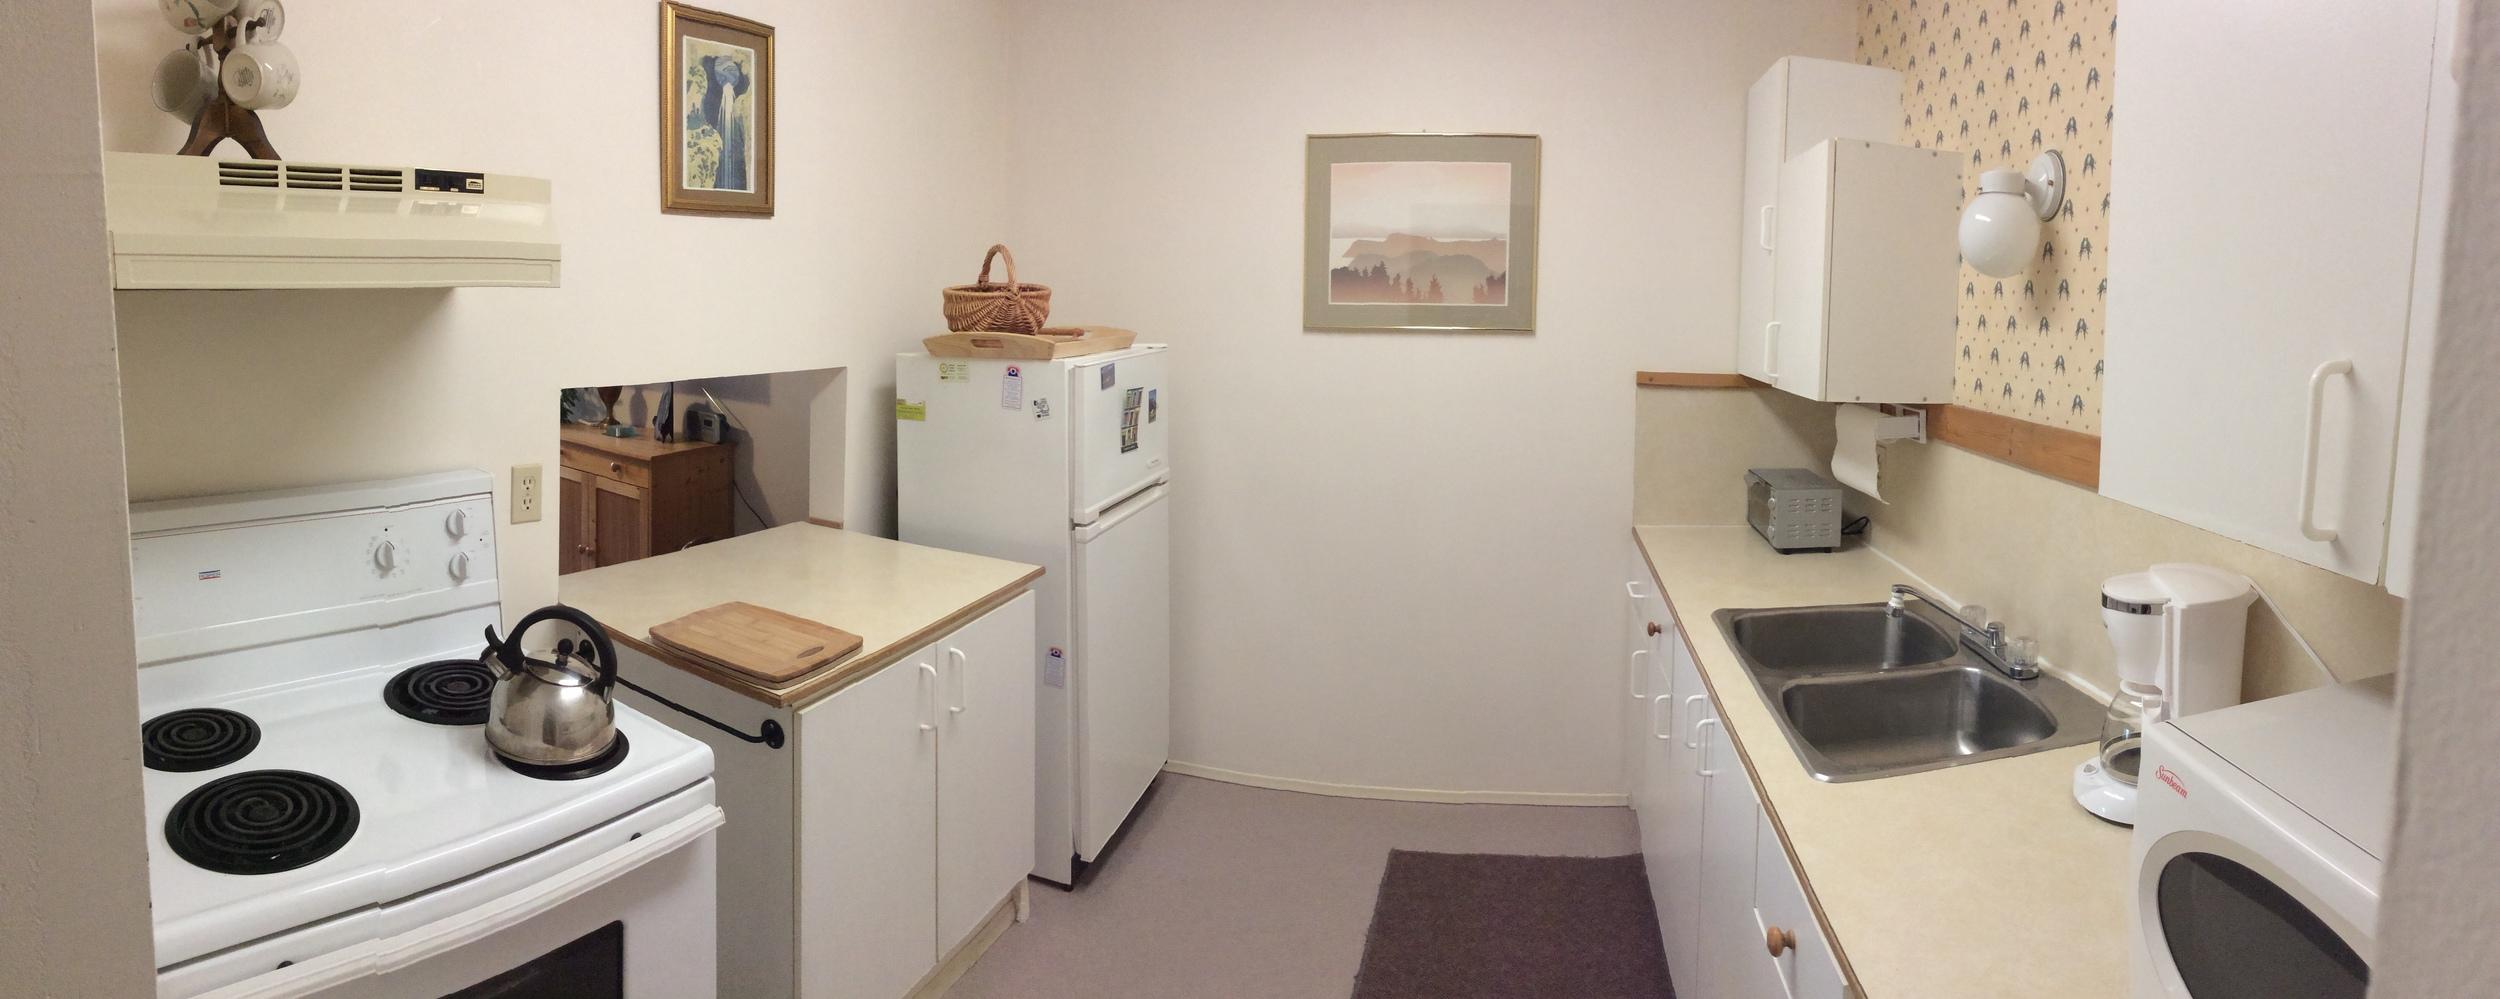 View Kitchen.jpg